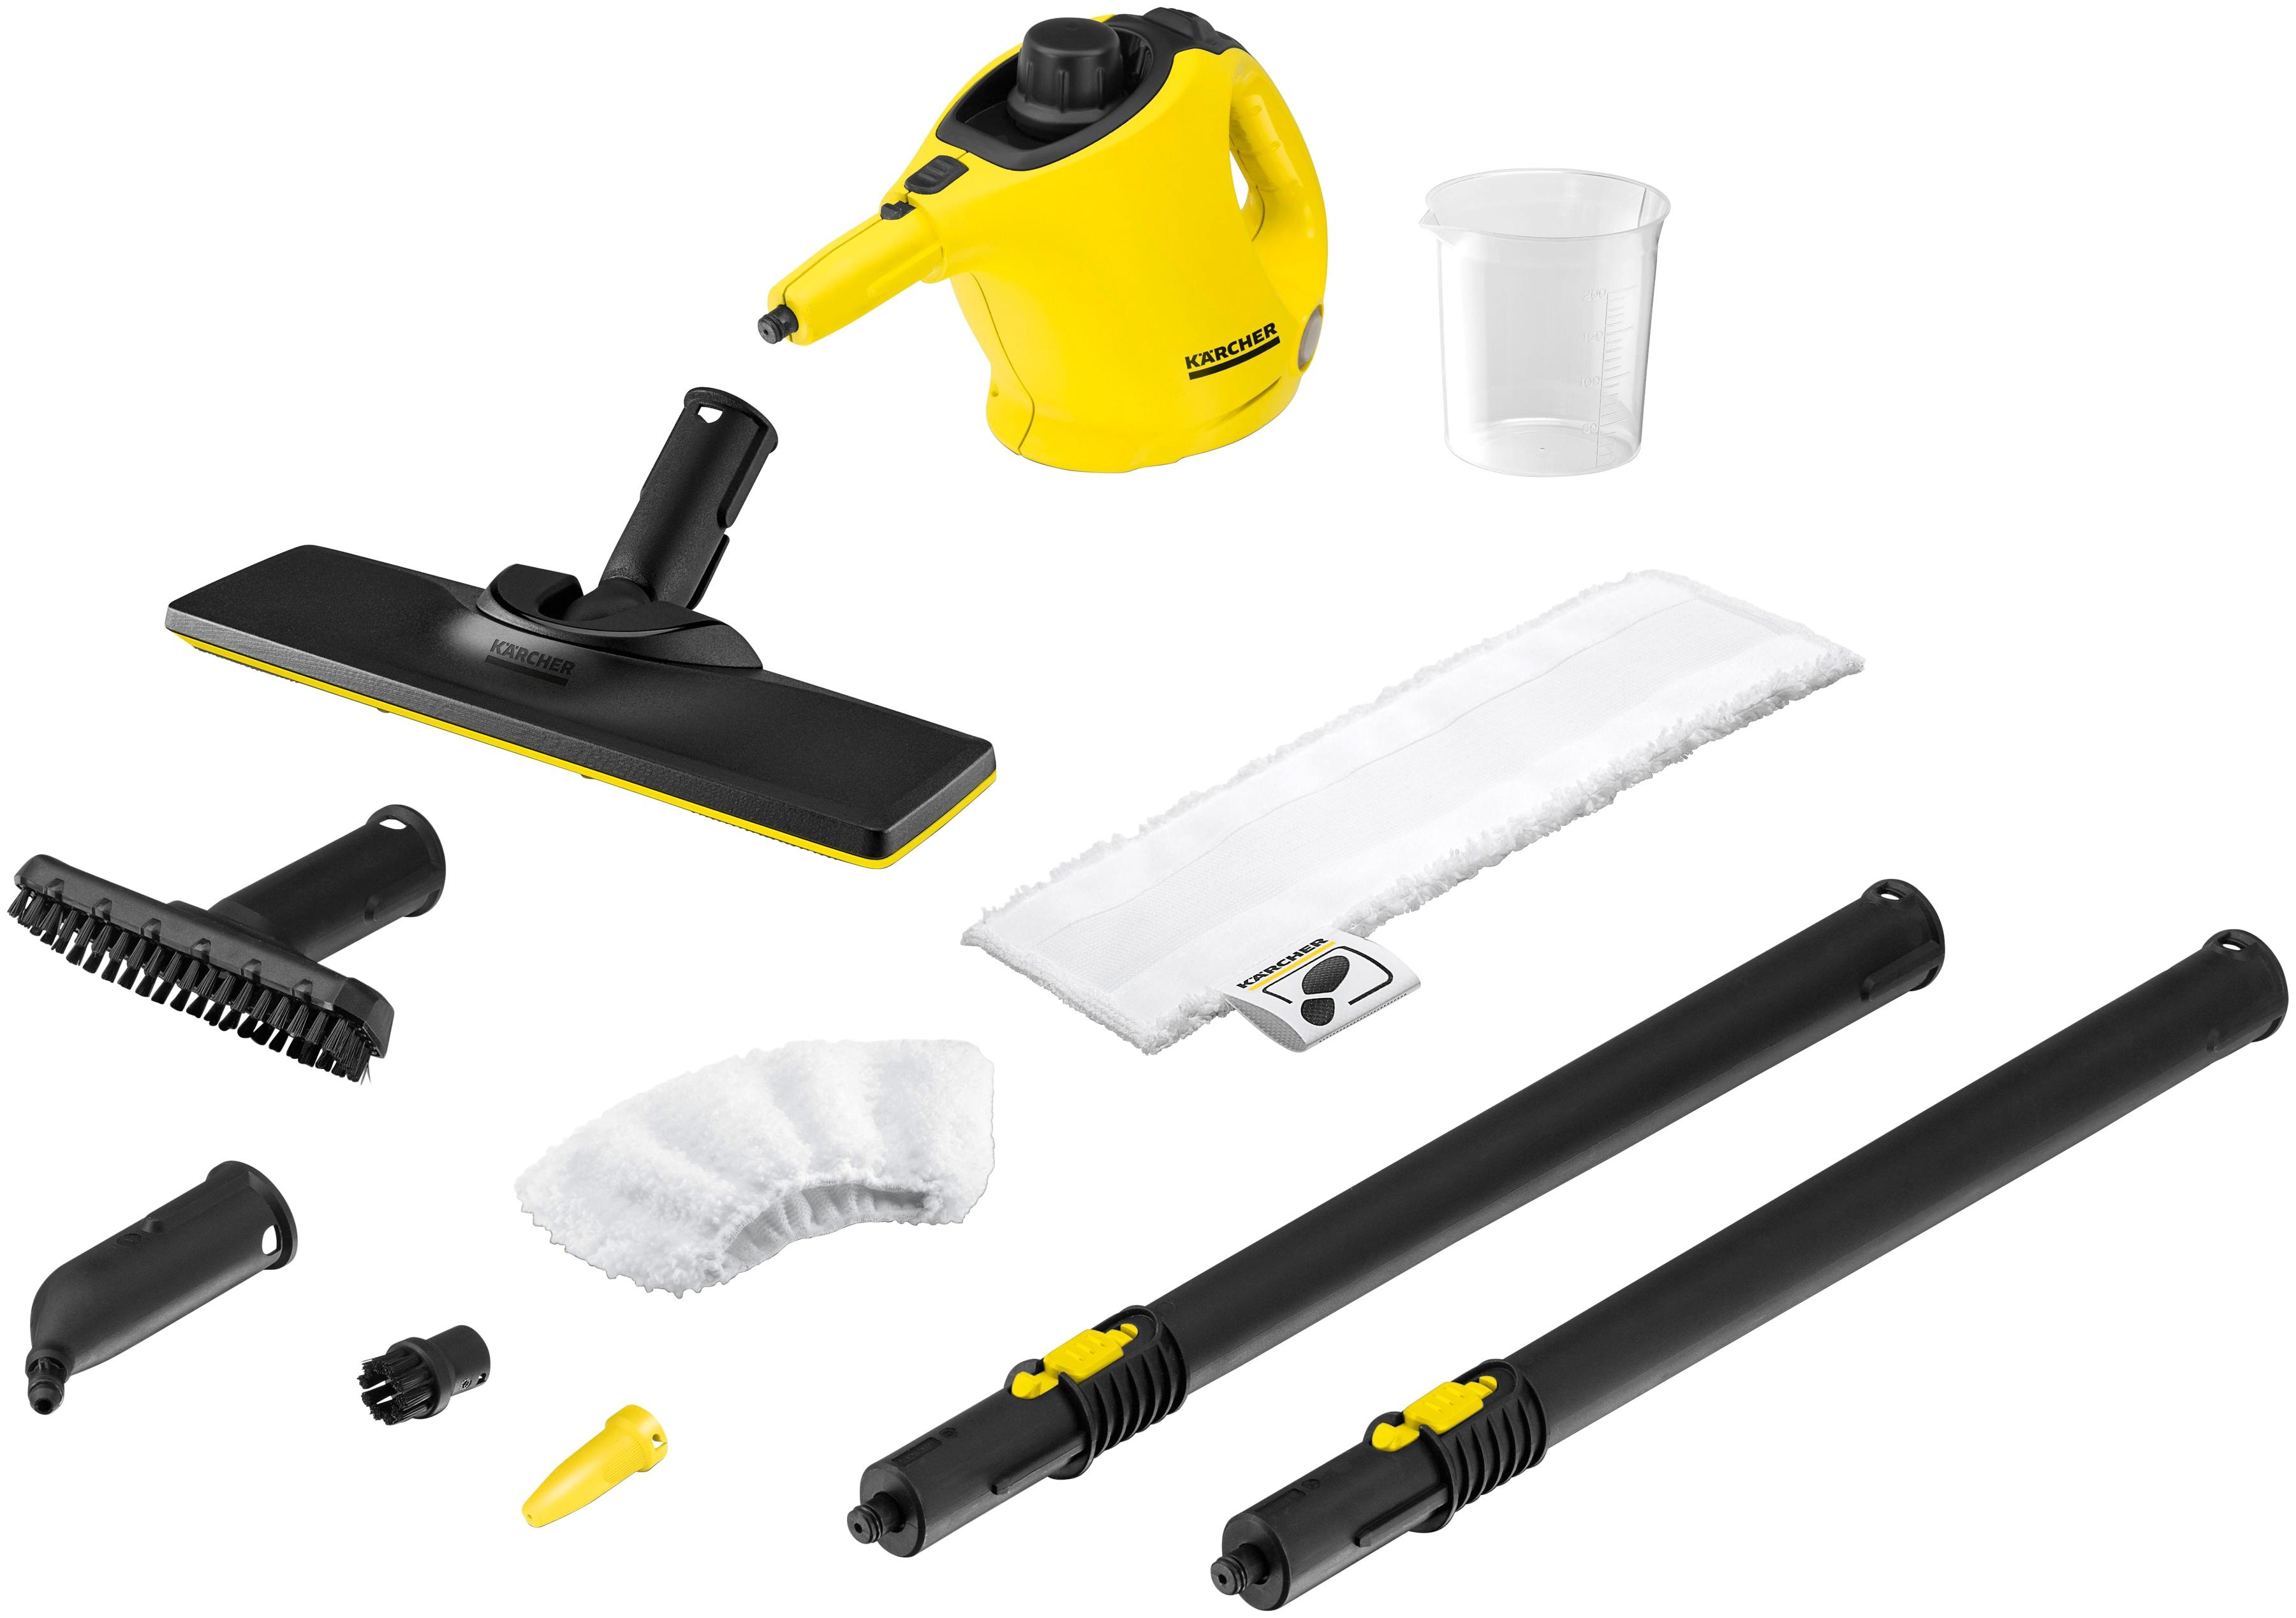 KÄRCHER Dampfreiniger SC 1 EasyFix | Flur & Diele > Haushaltsgeräte > Dampfreiniger | Kärcher